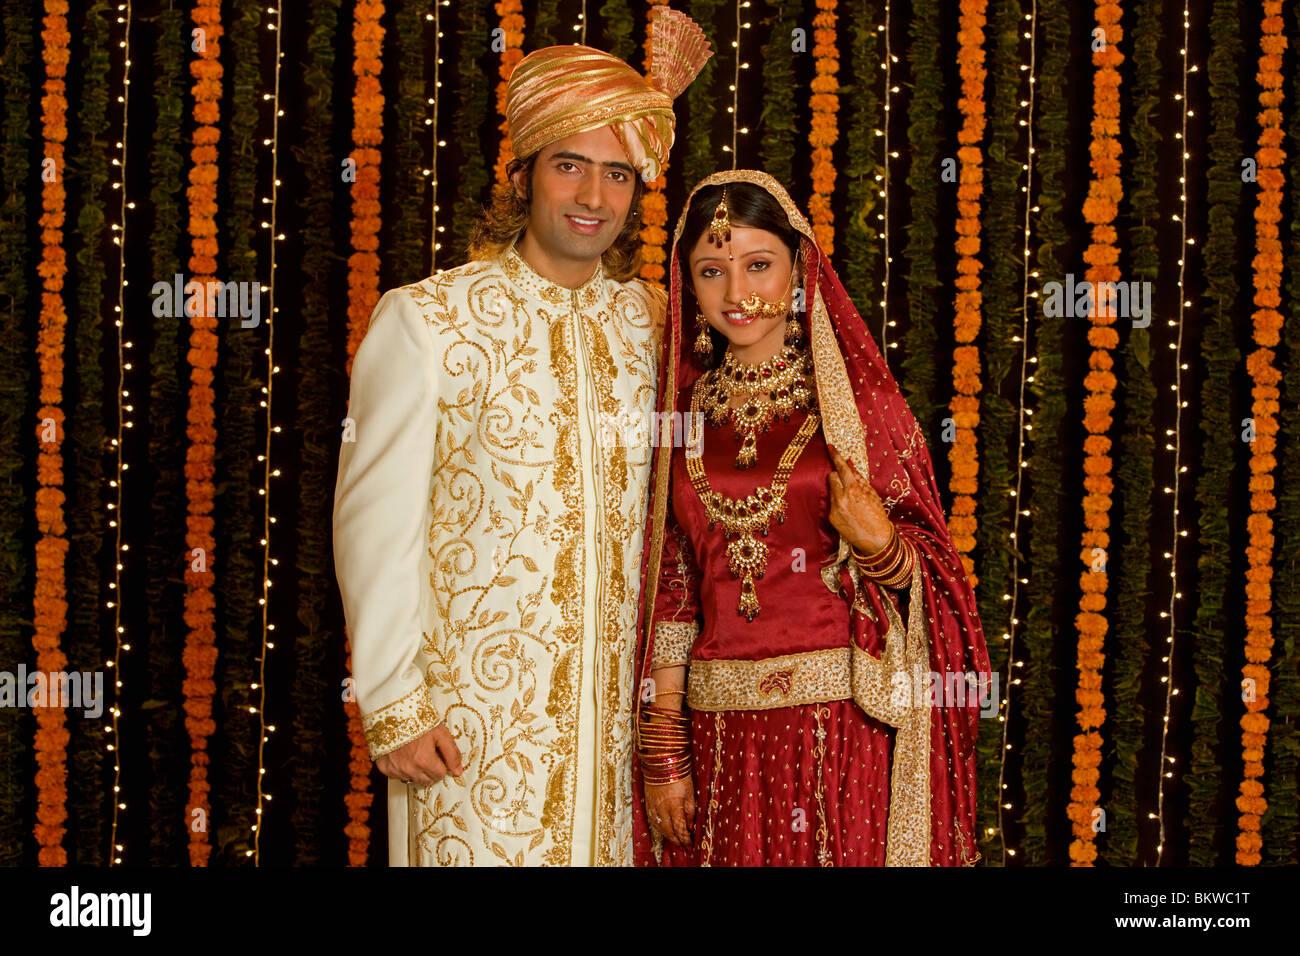 Indische Paare Hochzeit Kleidung Stockfoto, Bild: 29447092 - Alamy